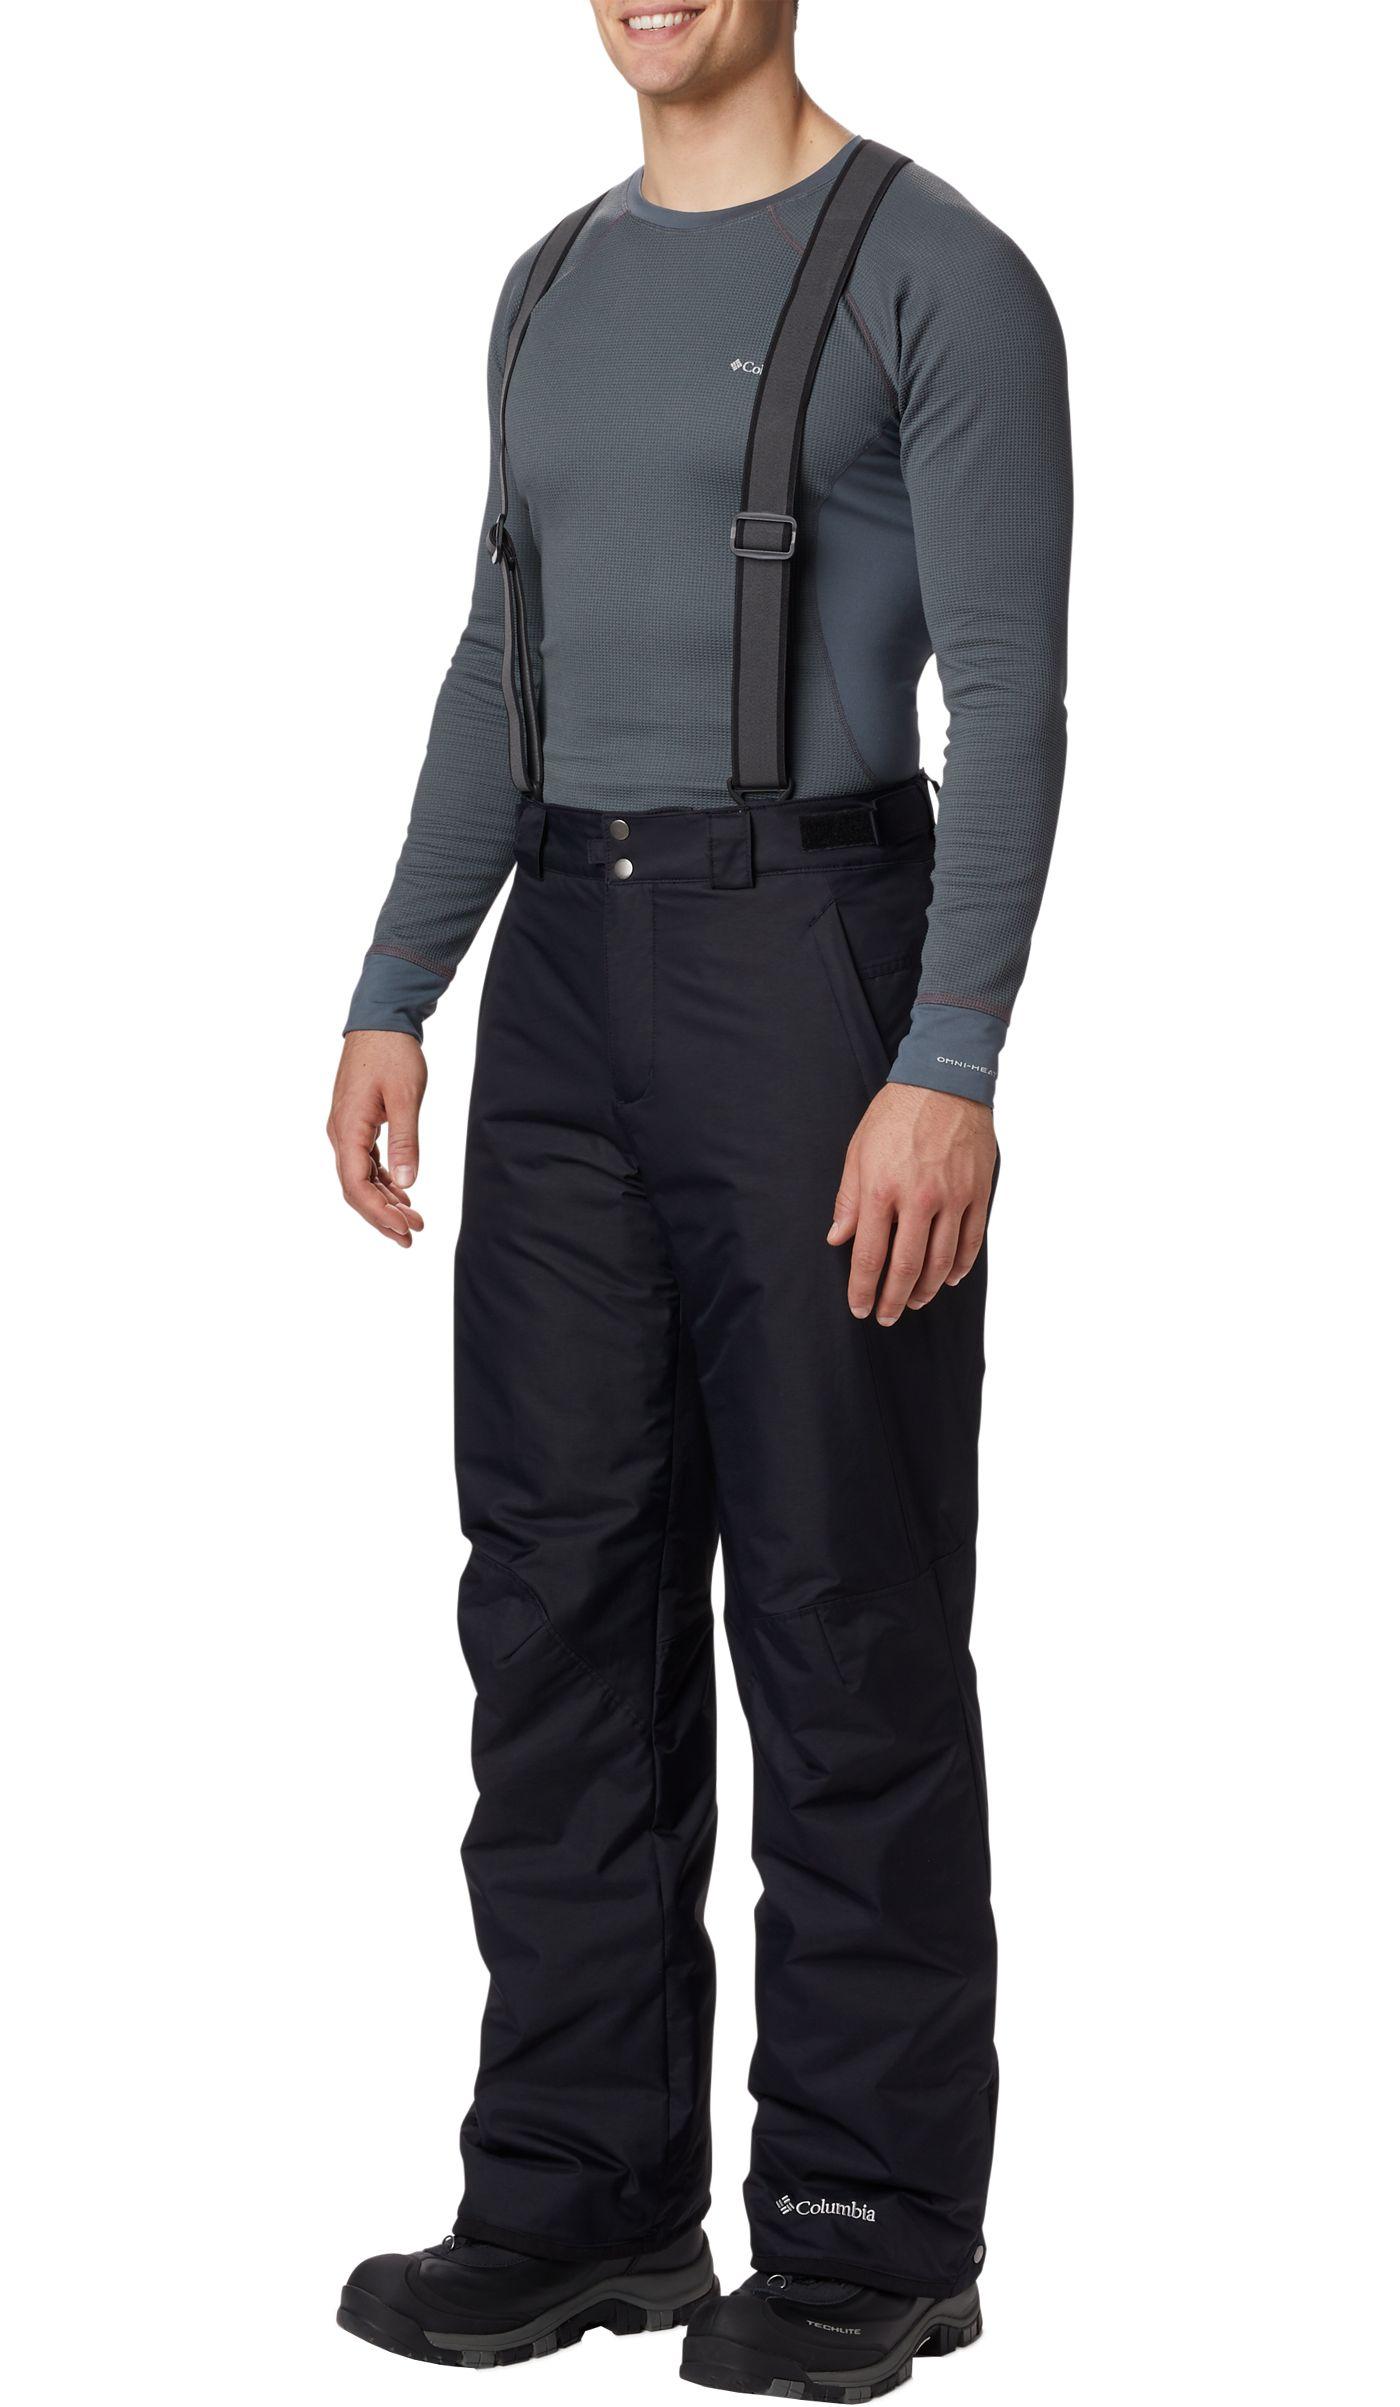 Columbia Men's Bugaboo Suspender Pants